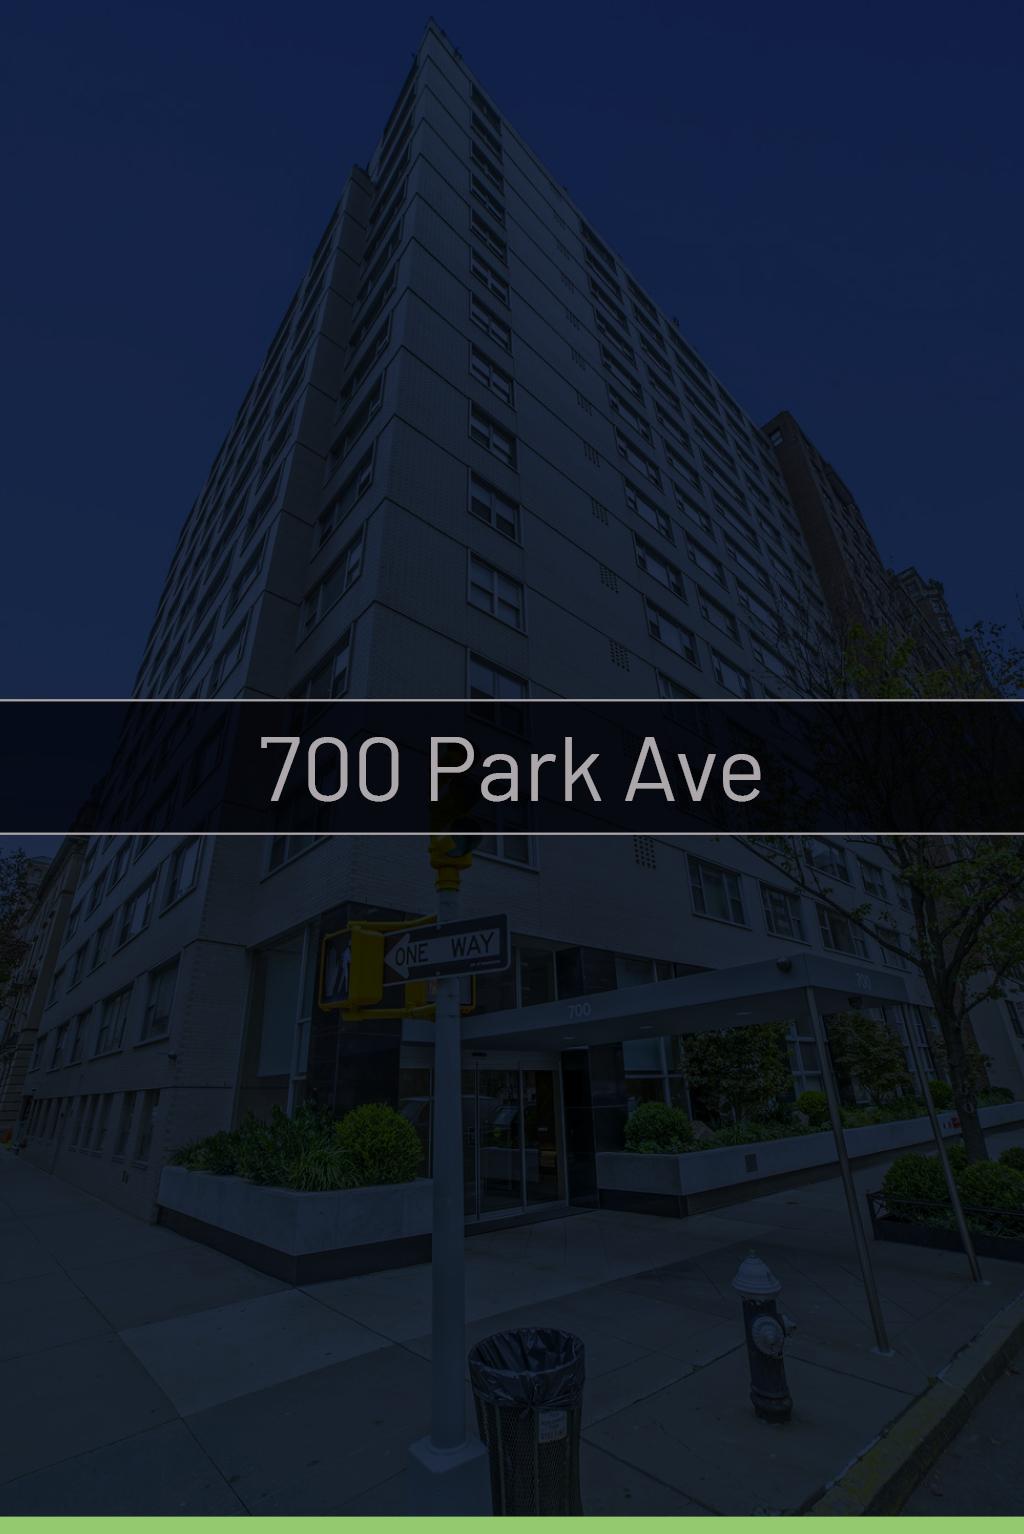 700ParkAve